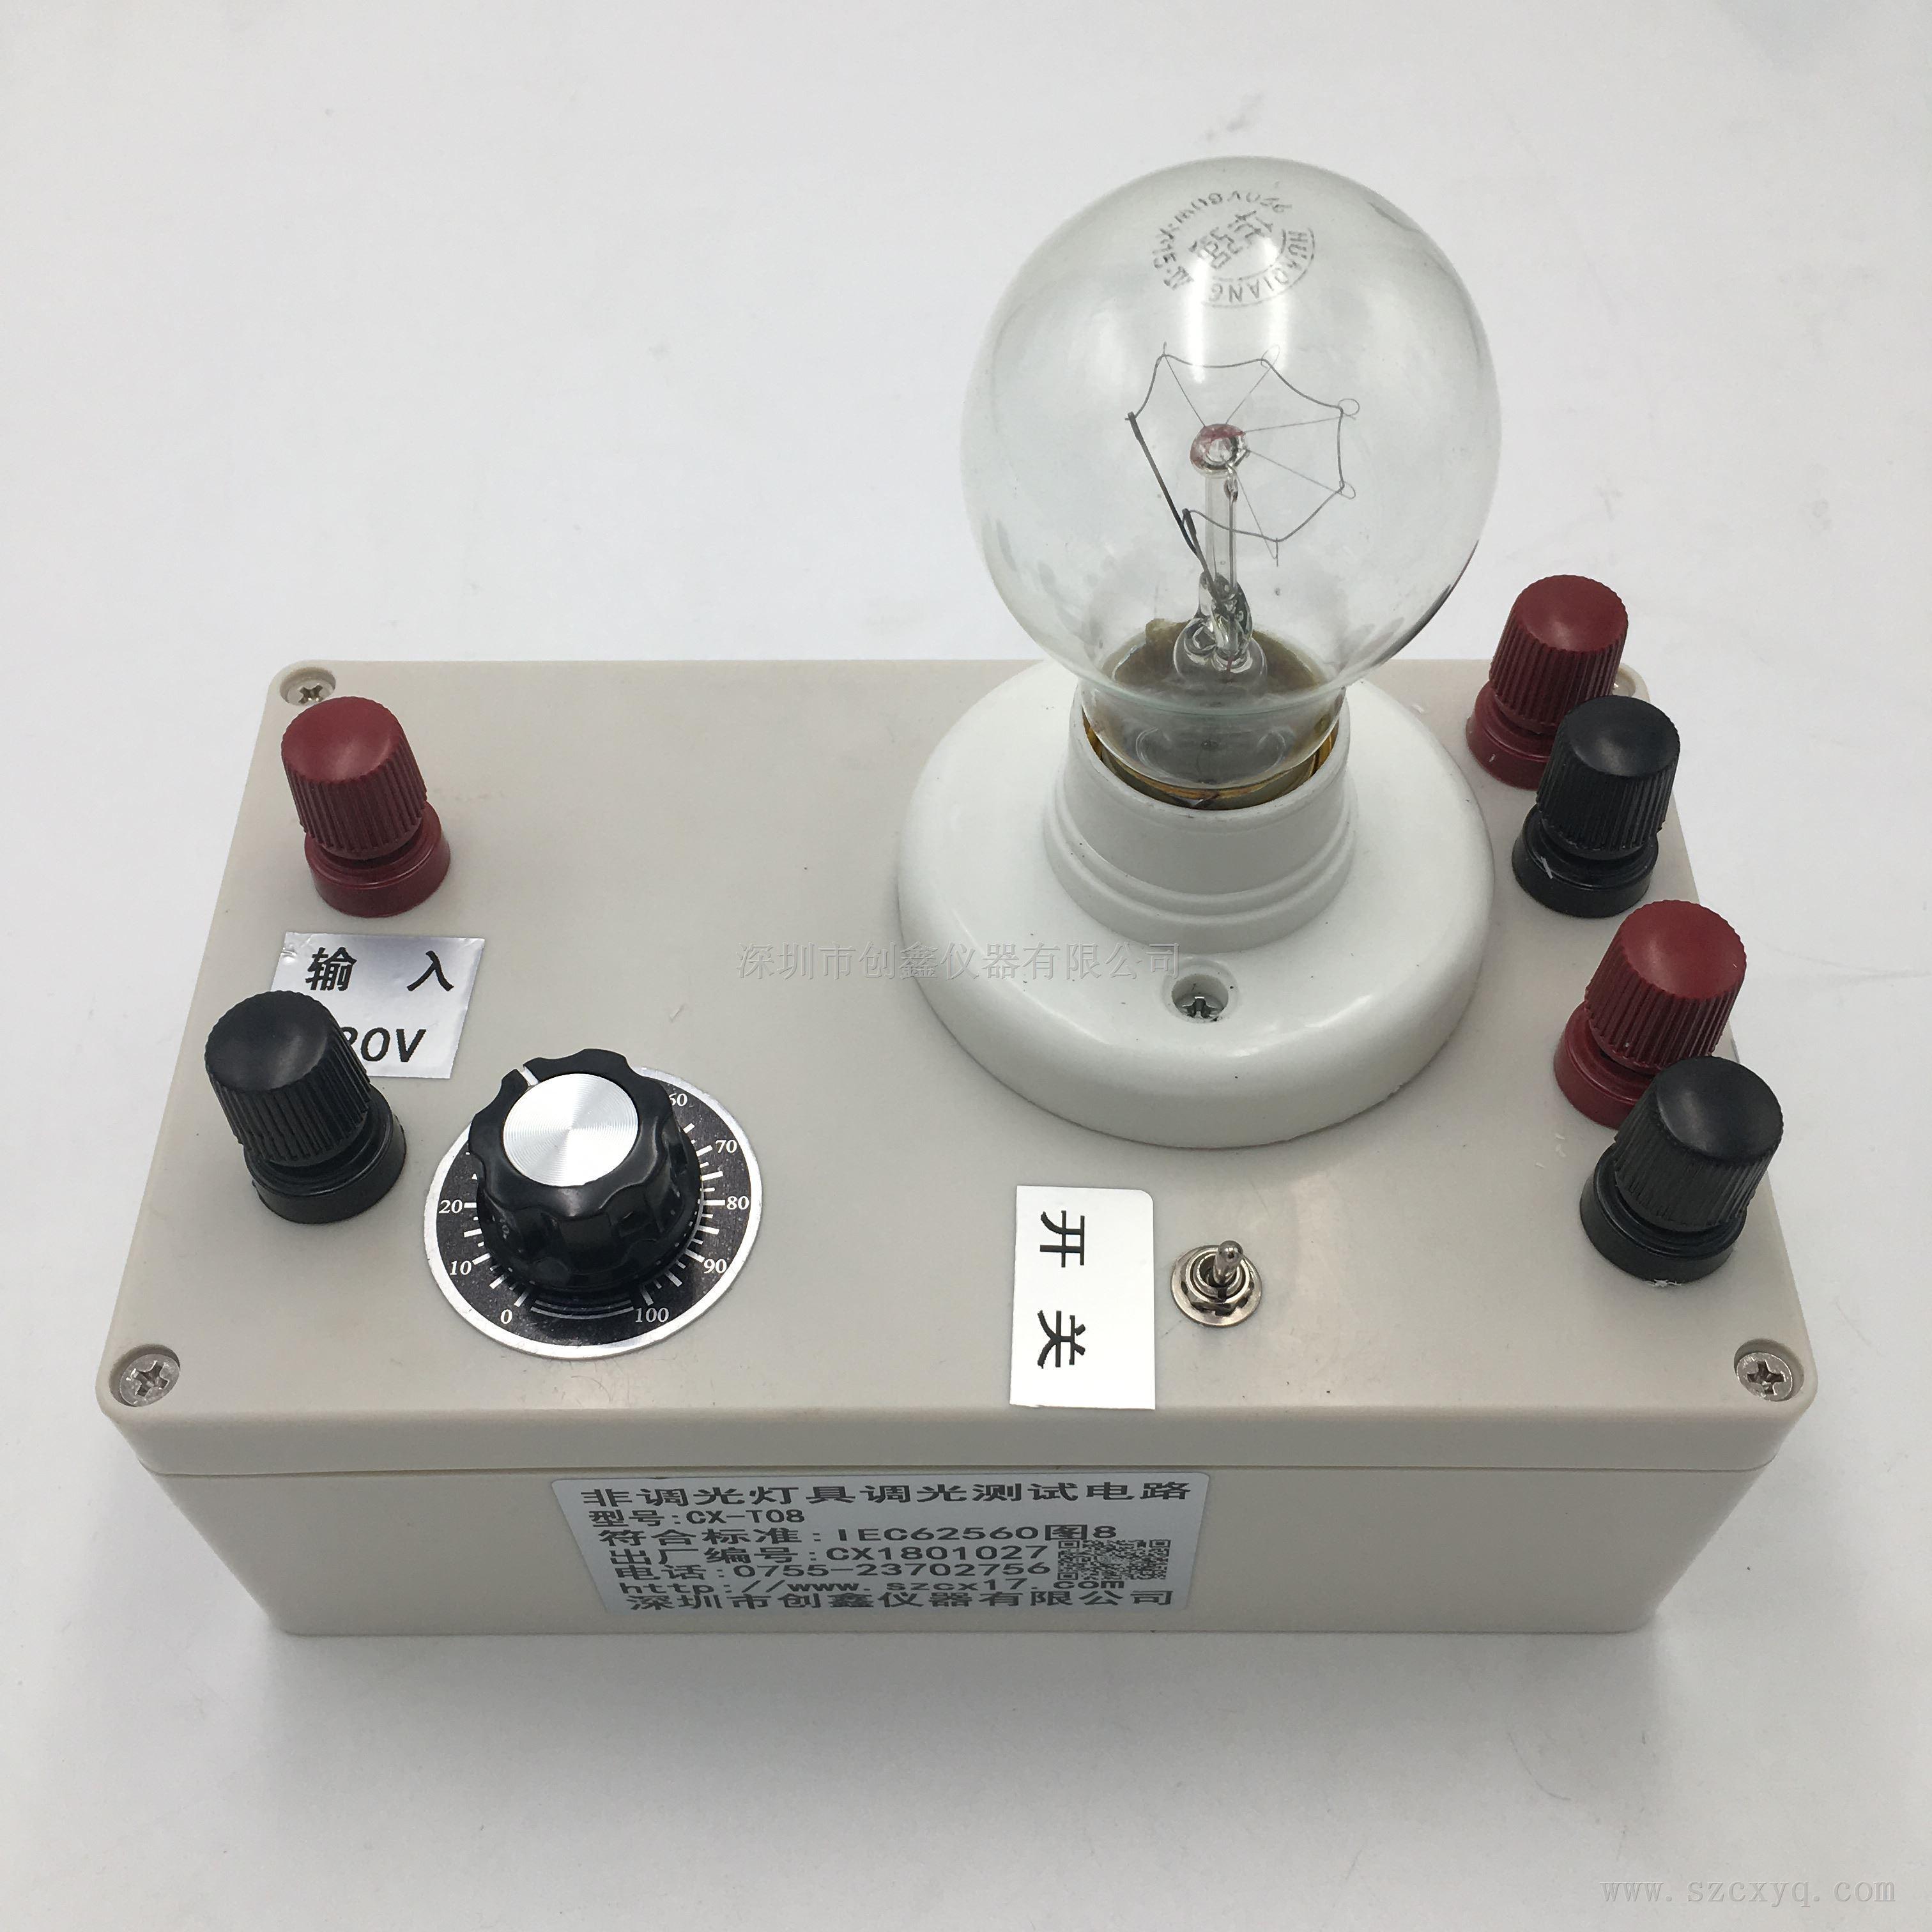 非调光灯具调光测试电路